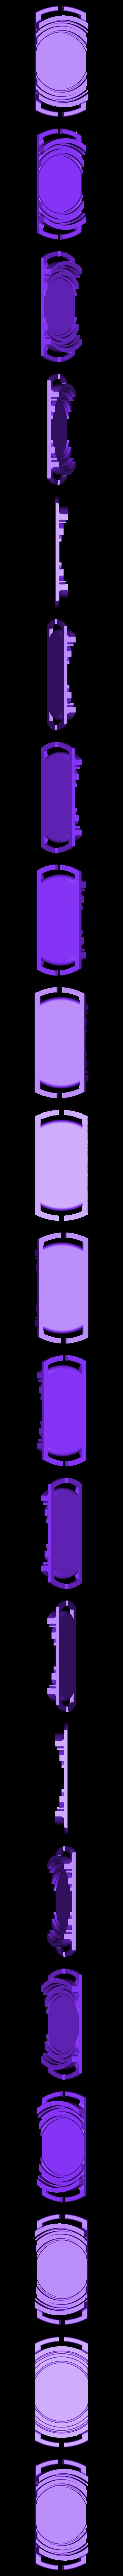 Lens Cap Holder.STL Download free STL file Lens Cap Holder • 3D printable design, HarryDalster